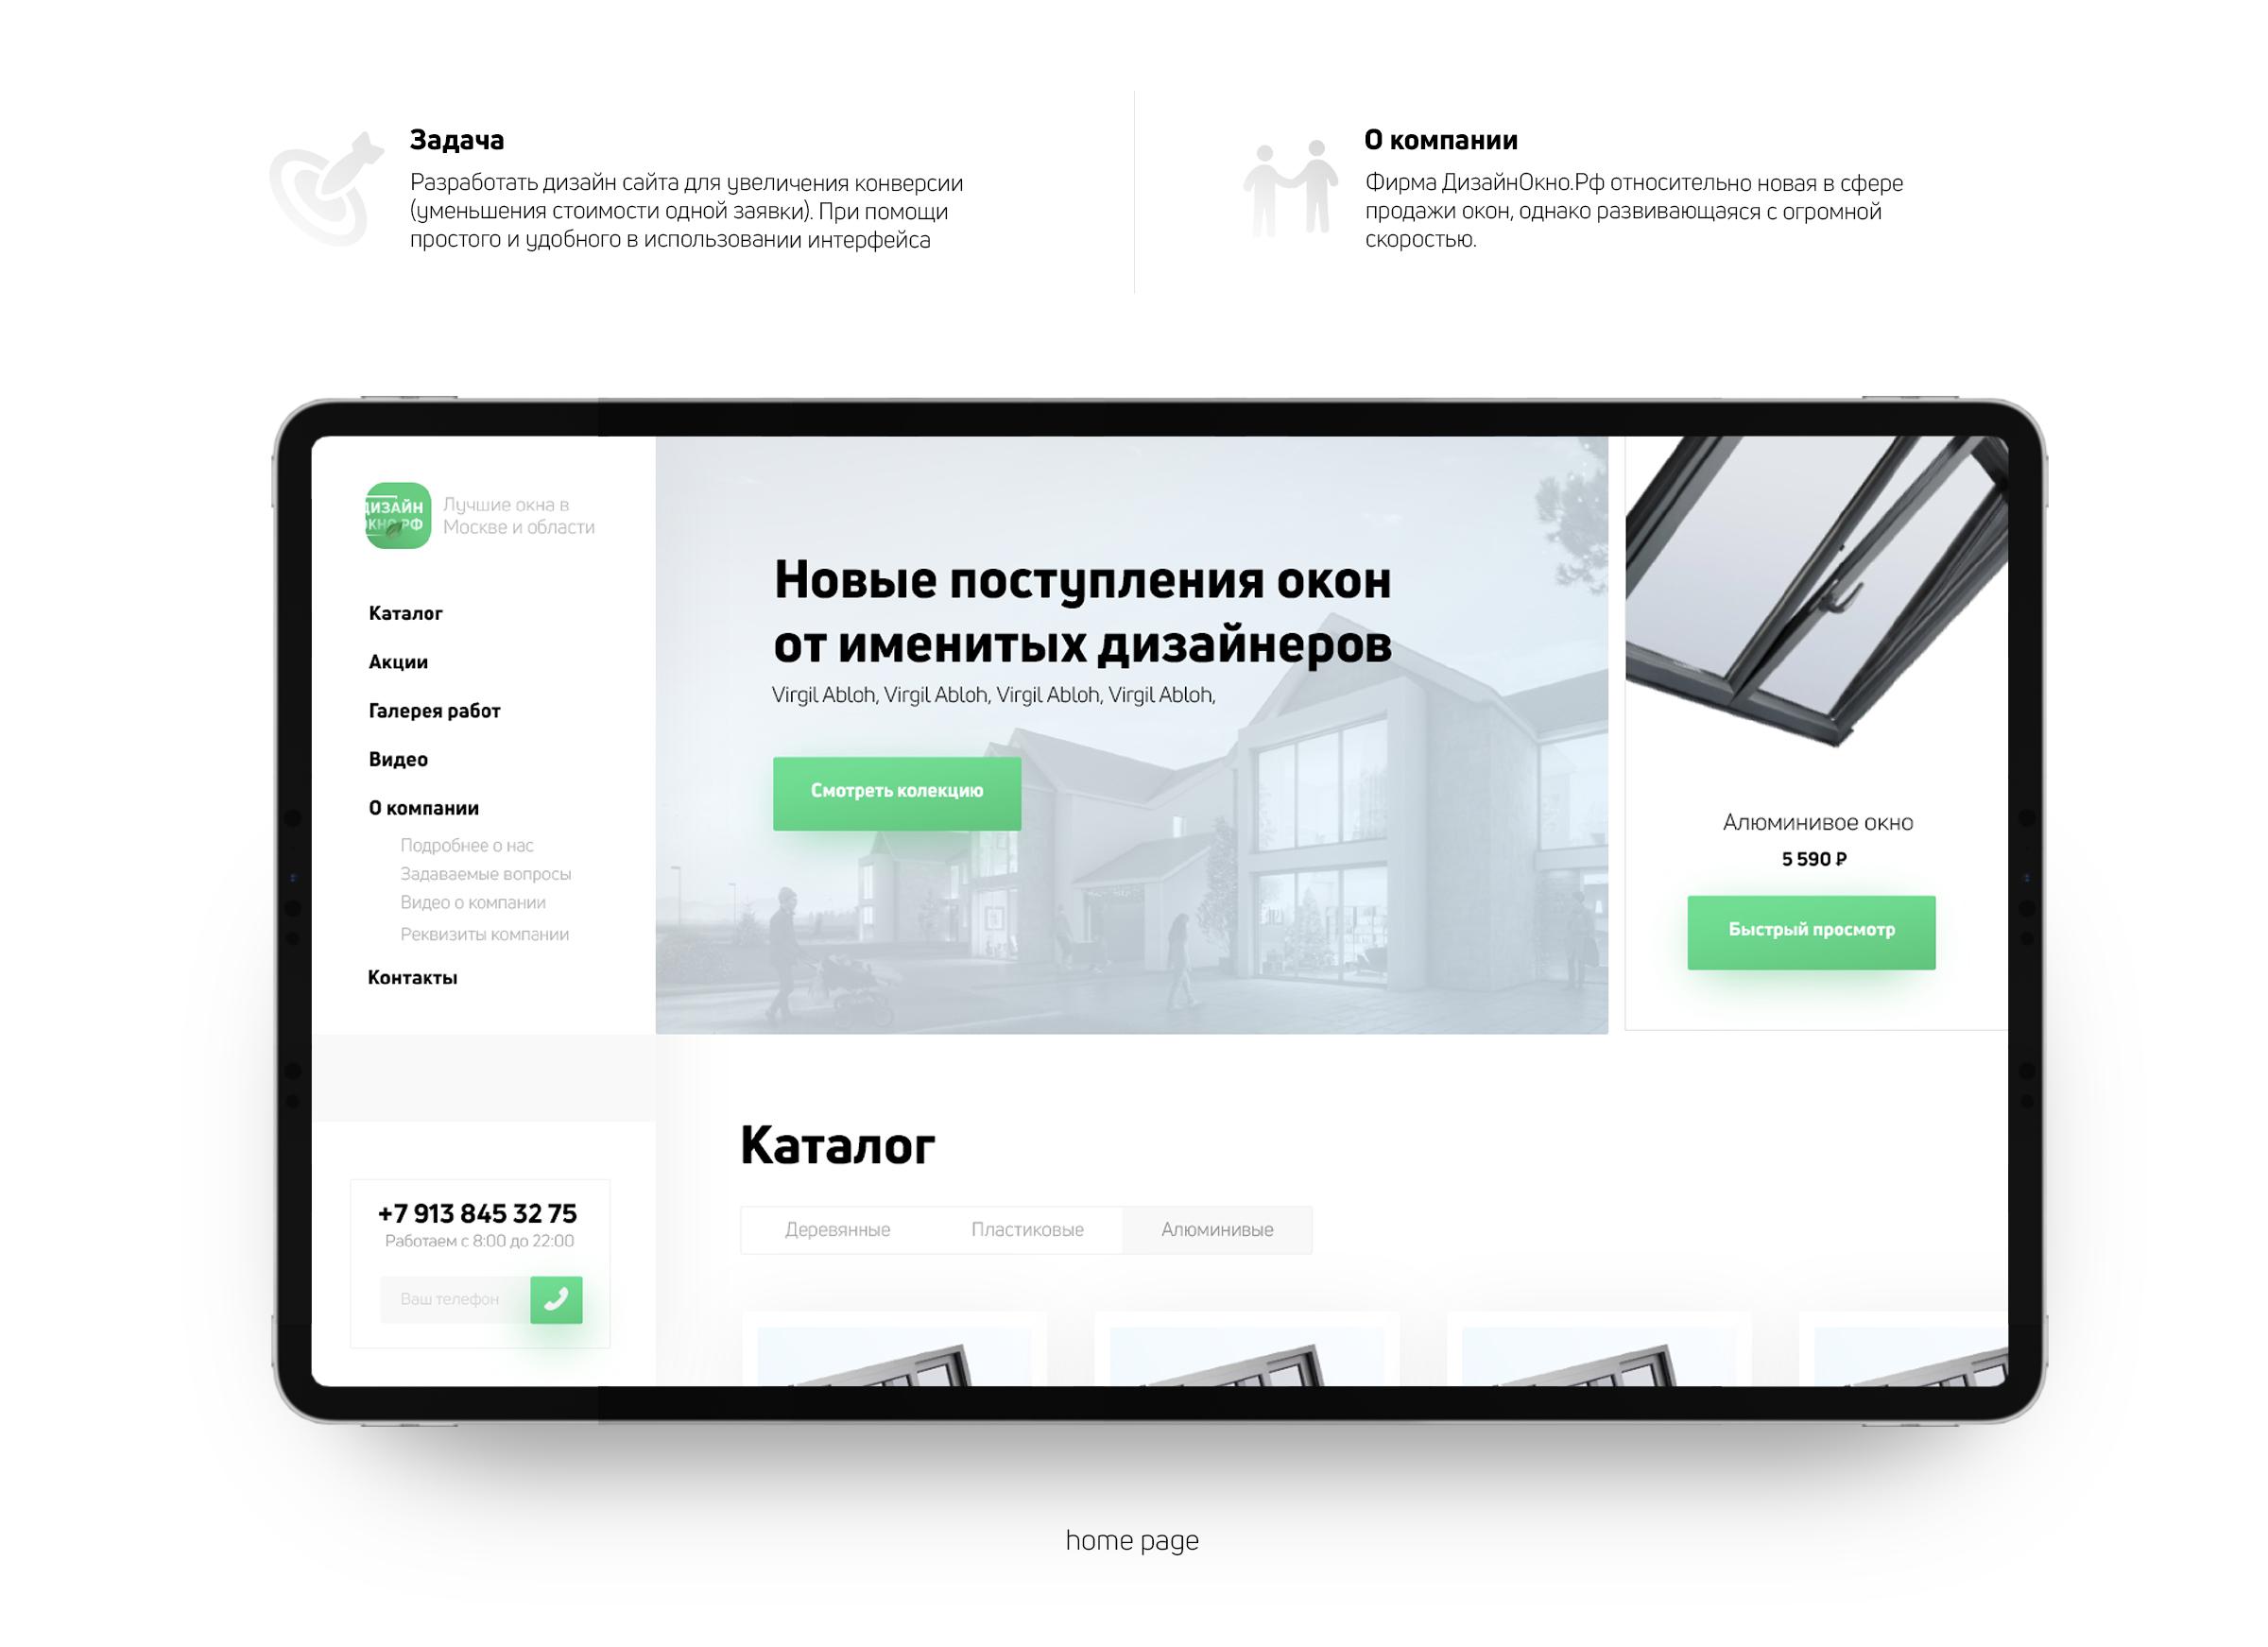 Продажа окон в Москве и области – Интернет магазин